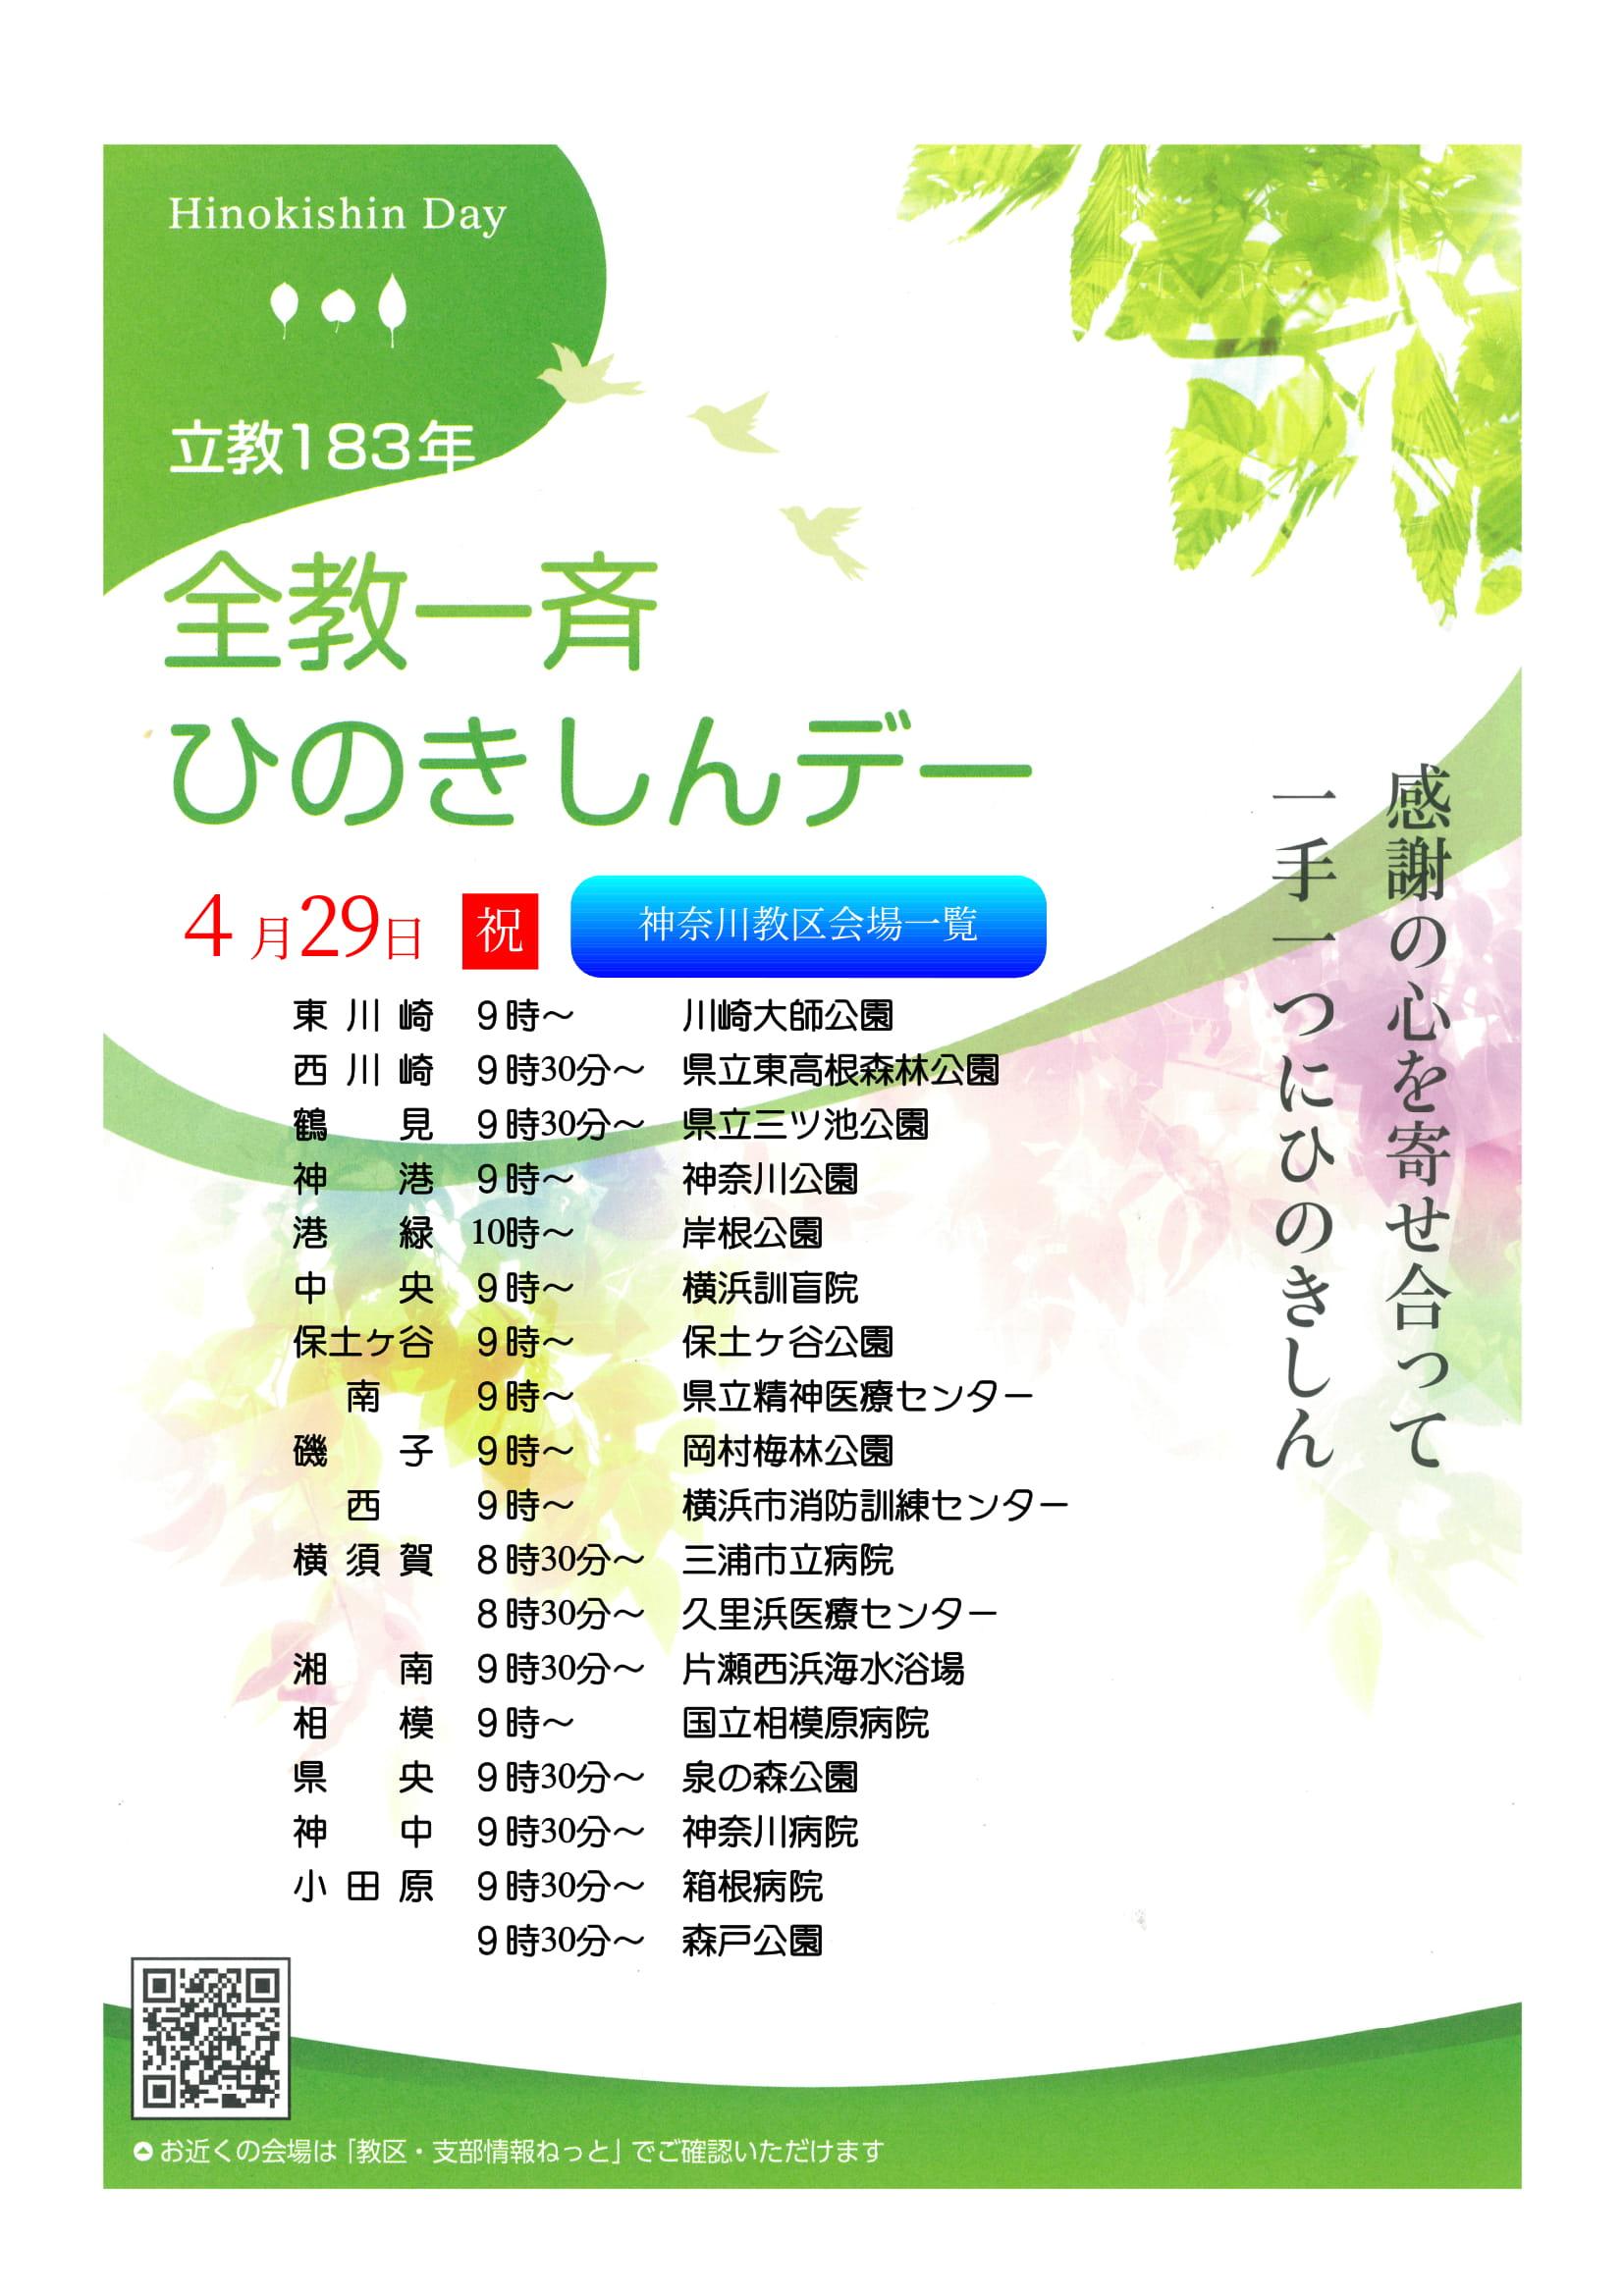 2020/4/29 全教一斉ひのきしんデーイメージ